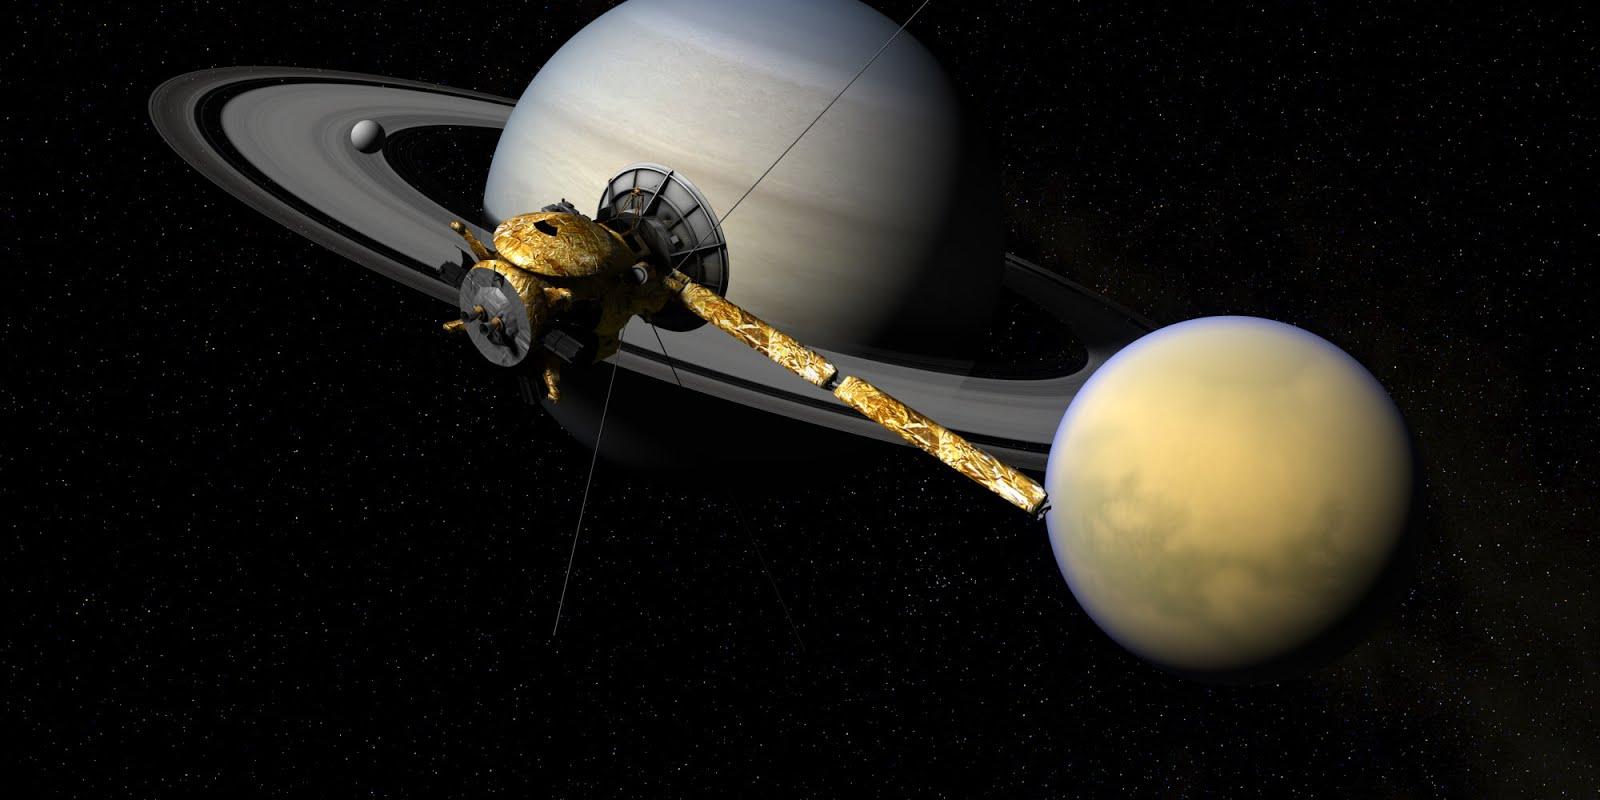 Perché Cassini è dovuta morire?